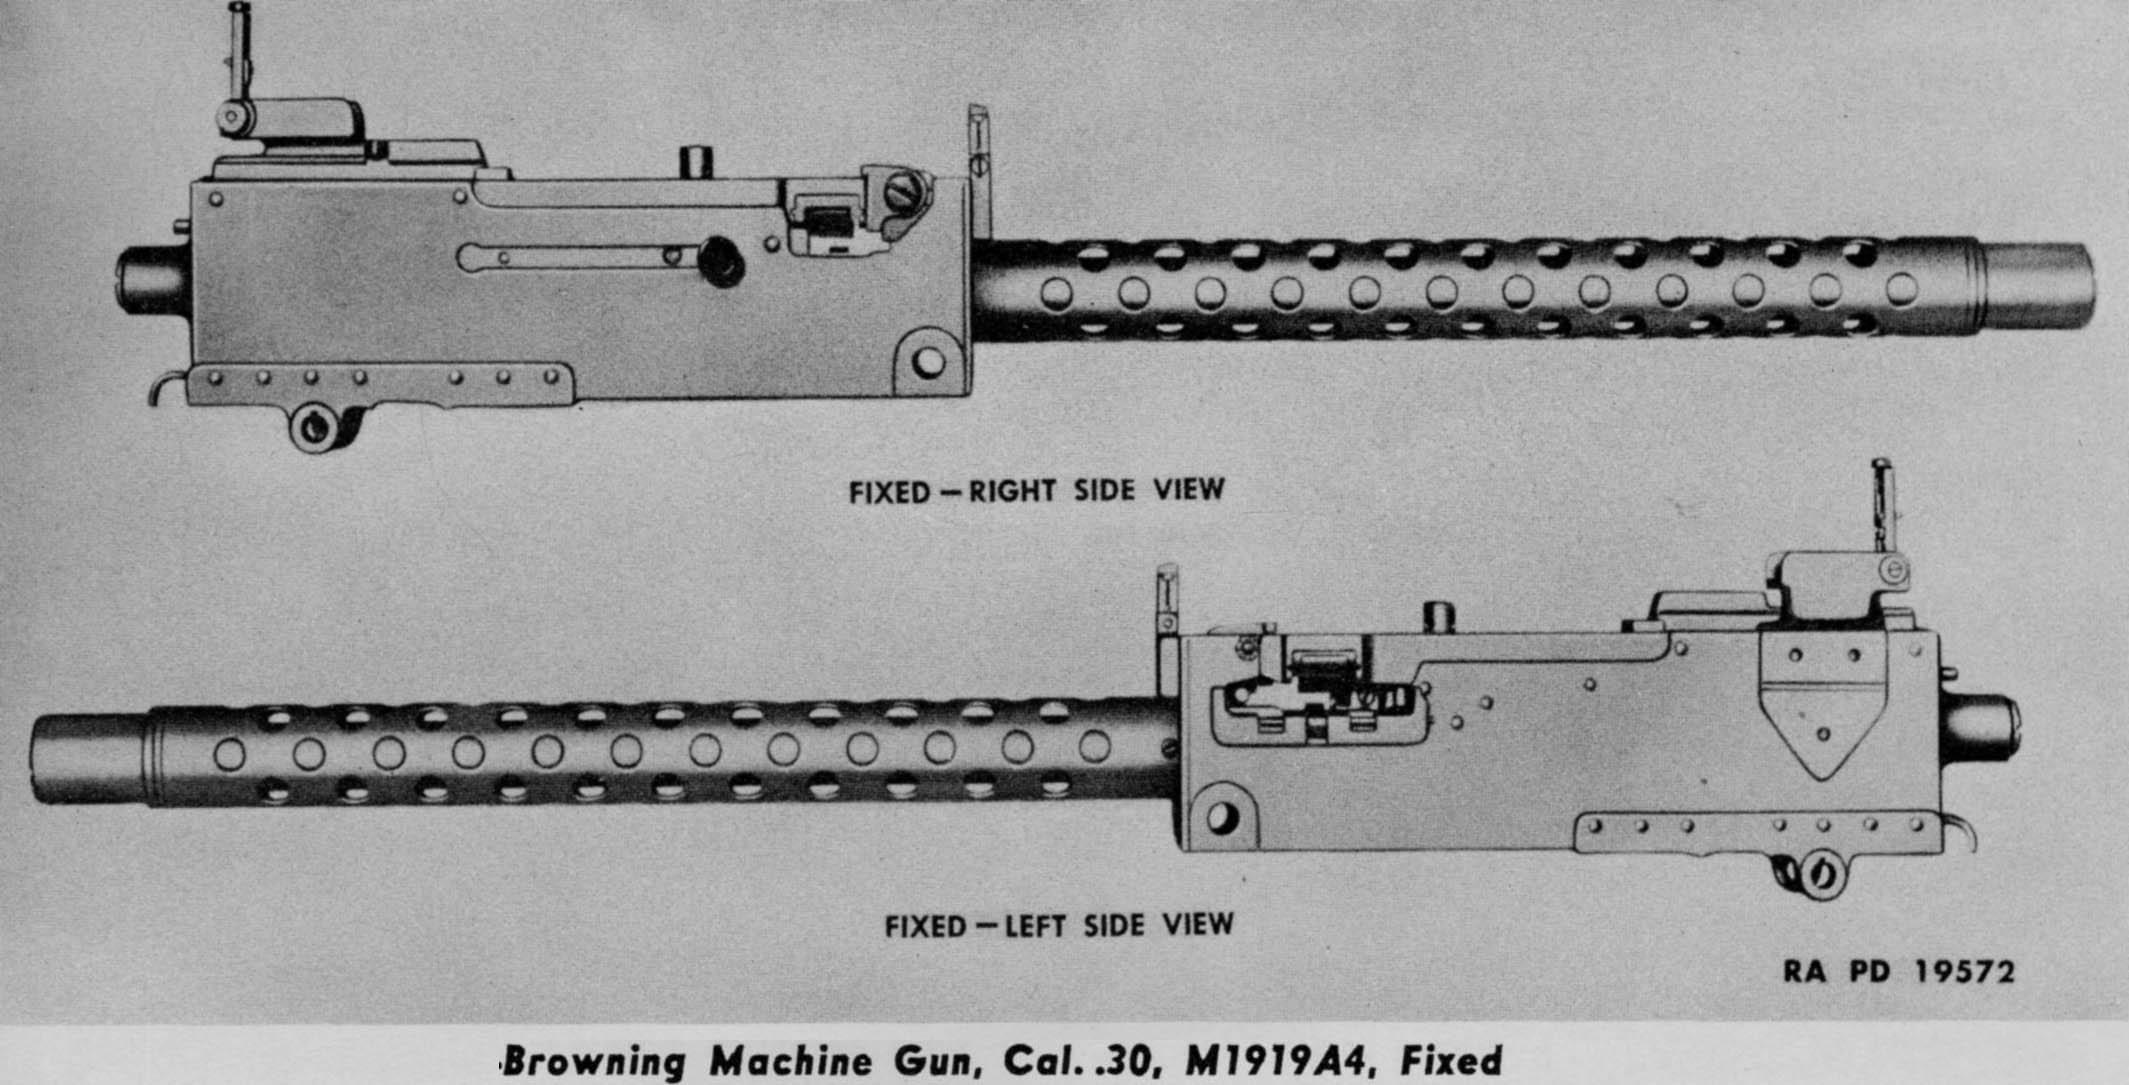 HQ M1919 Browning Machine Gun Wallpapers   File 180.22Kb